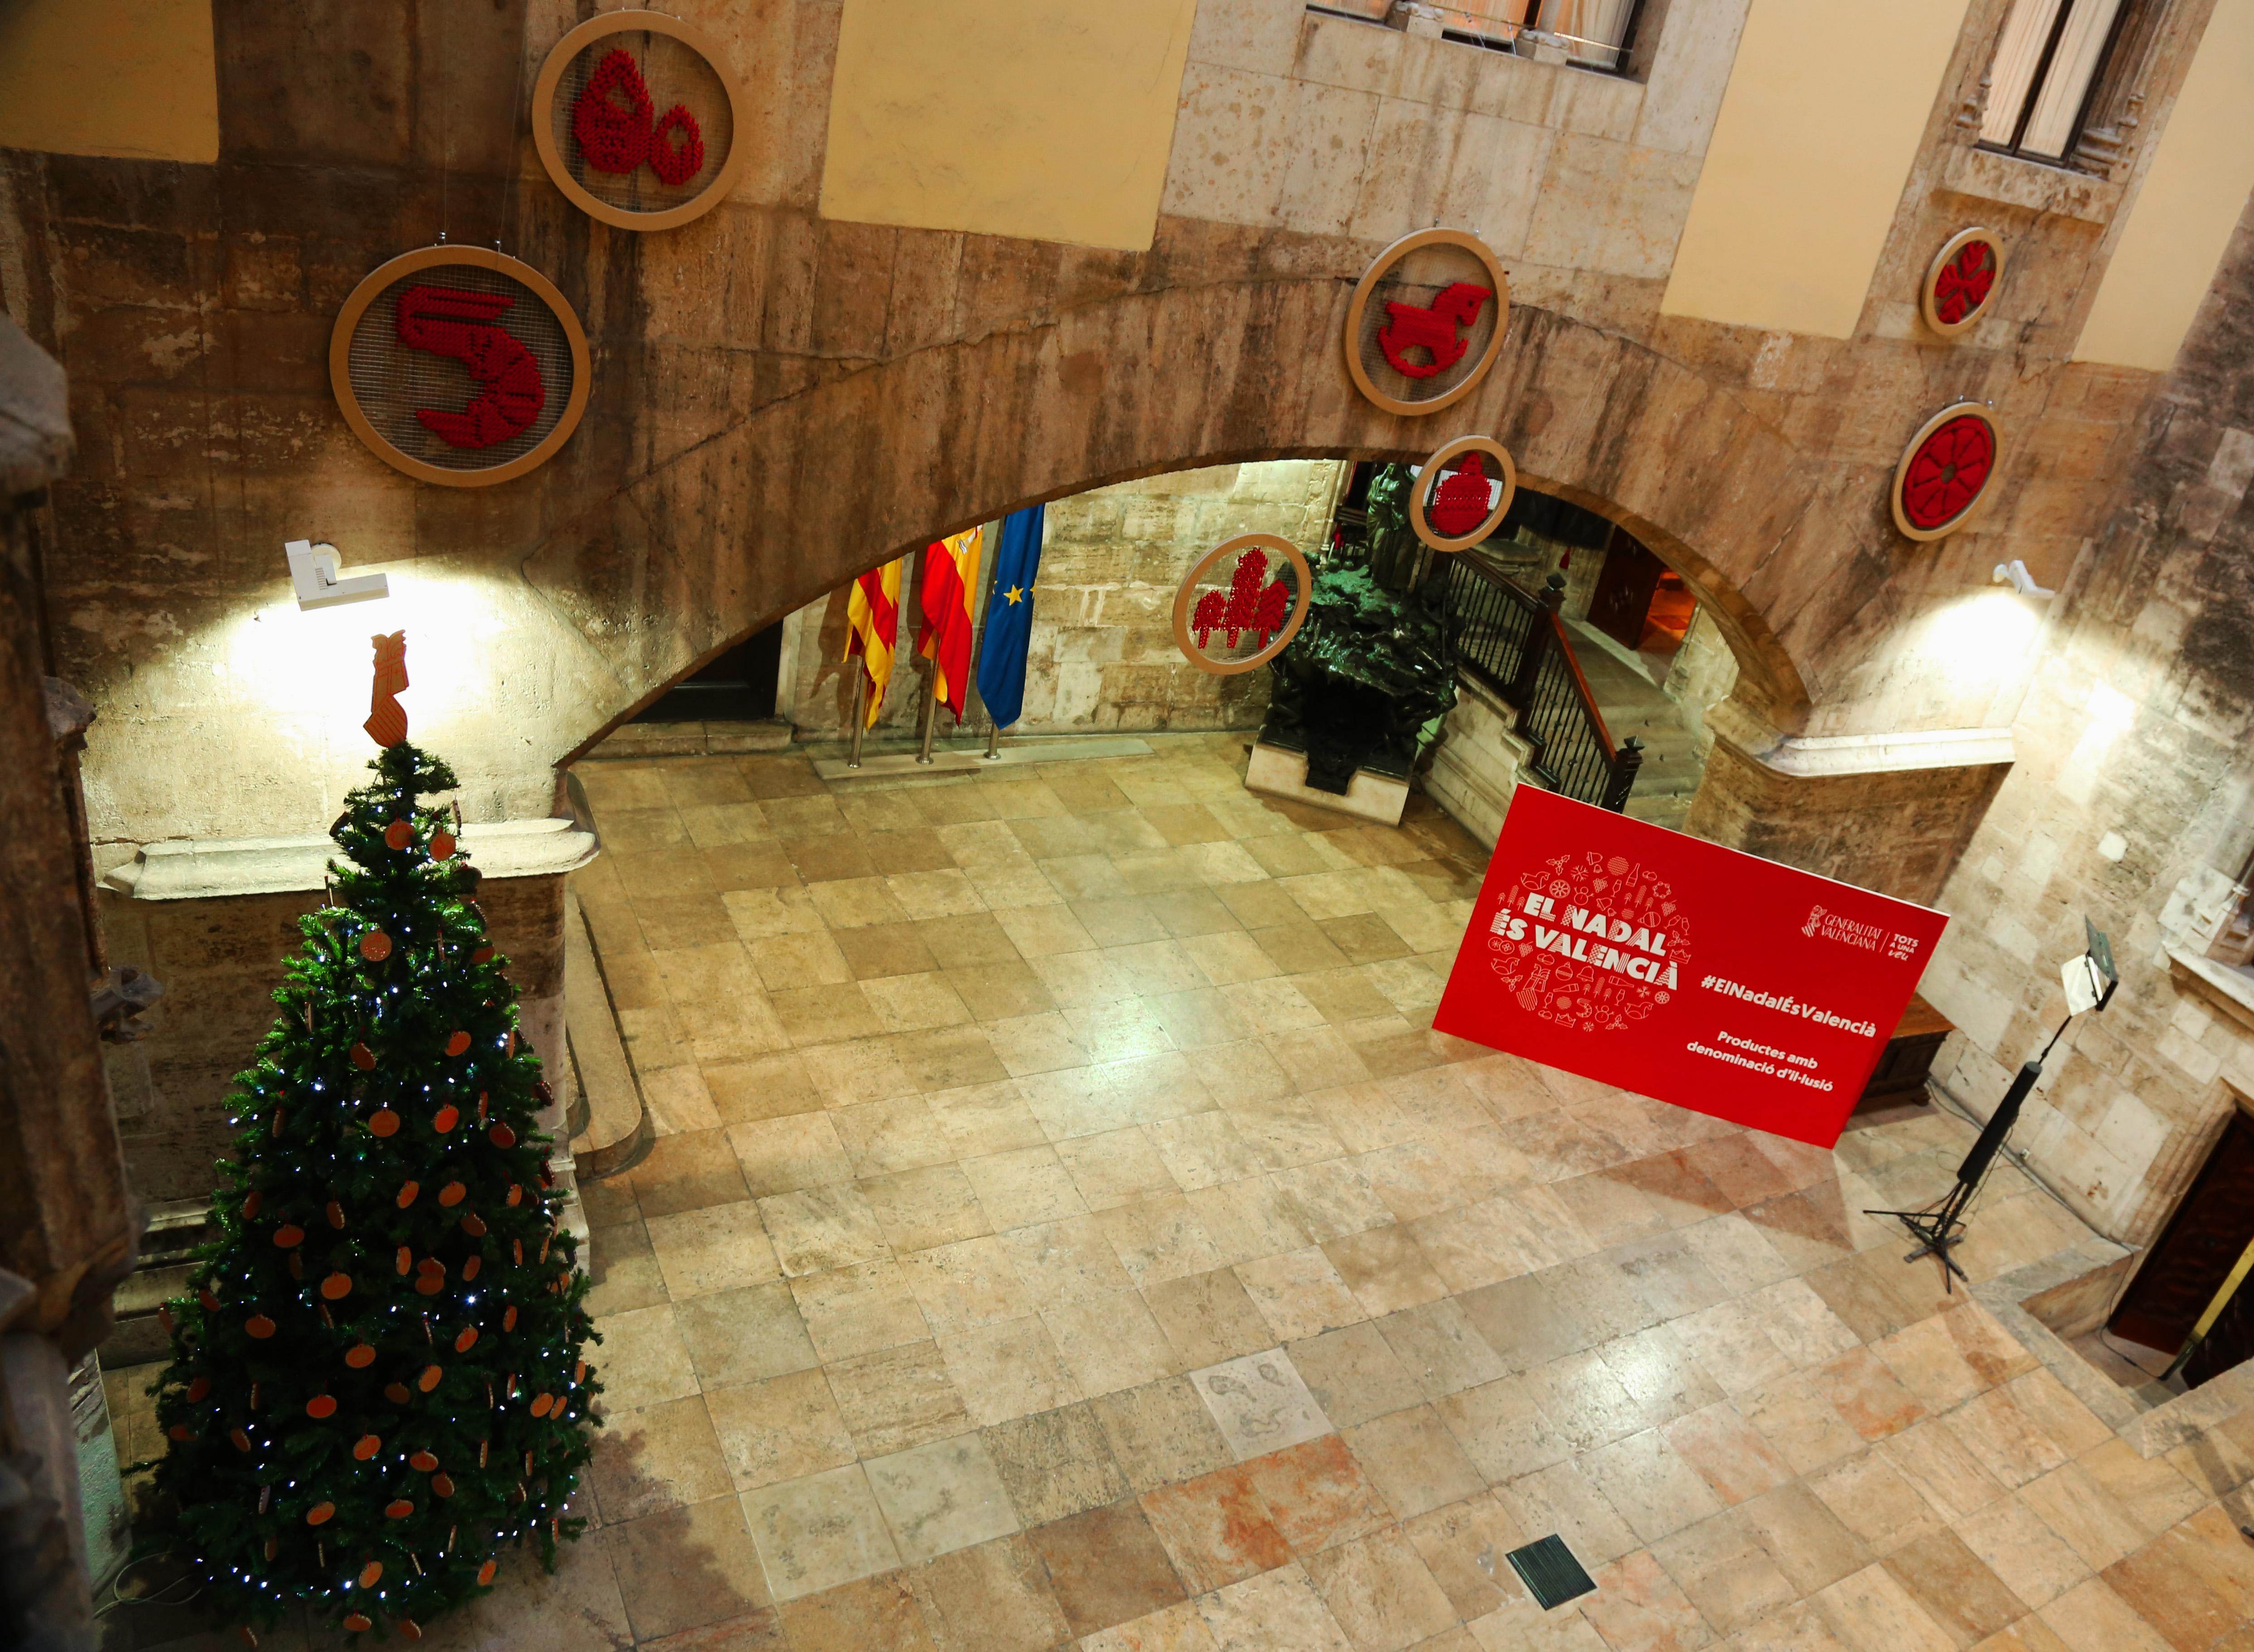 El Nadal és valencià, también en el Palau de la Generalitat